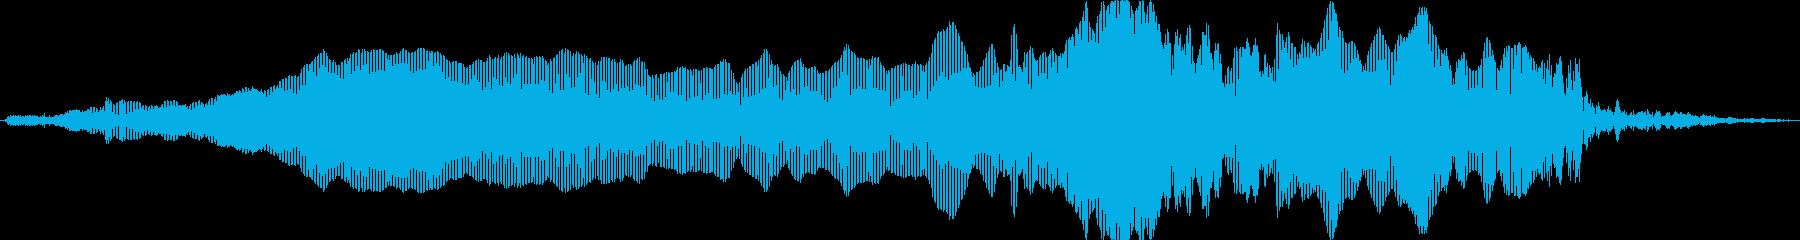 猫ニャー叫ぶの再生済みの波形